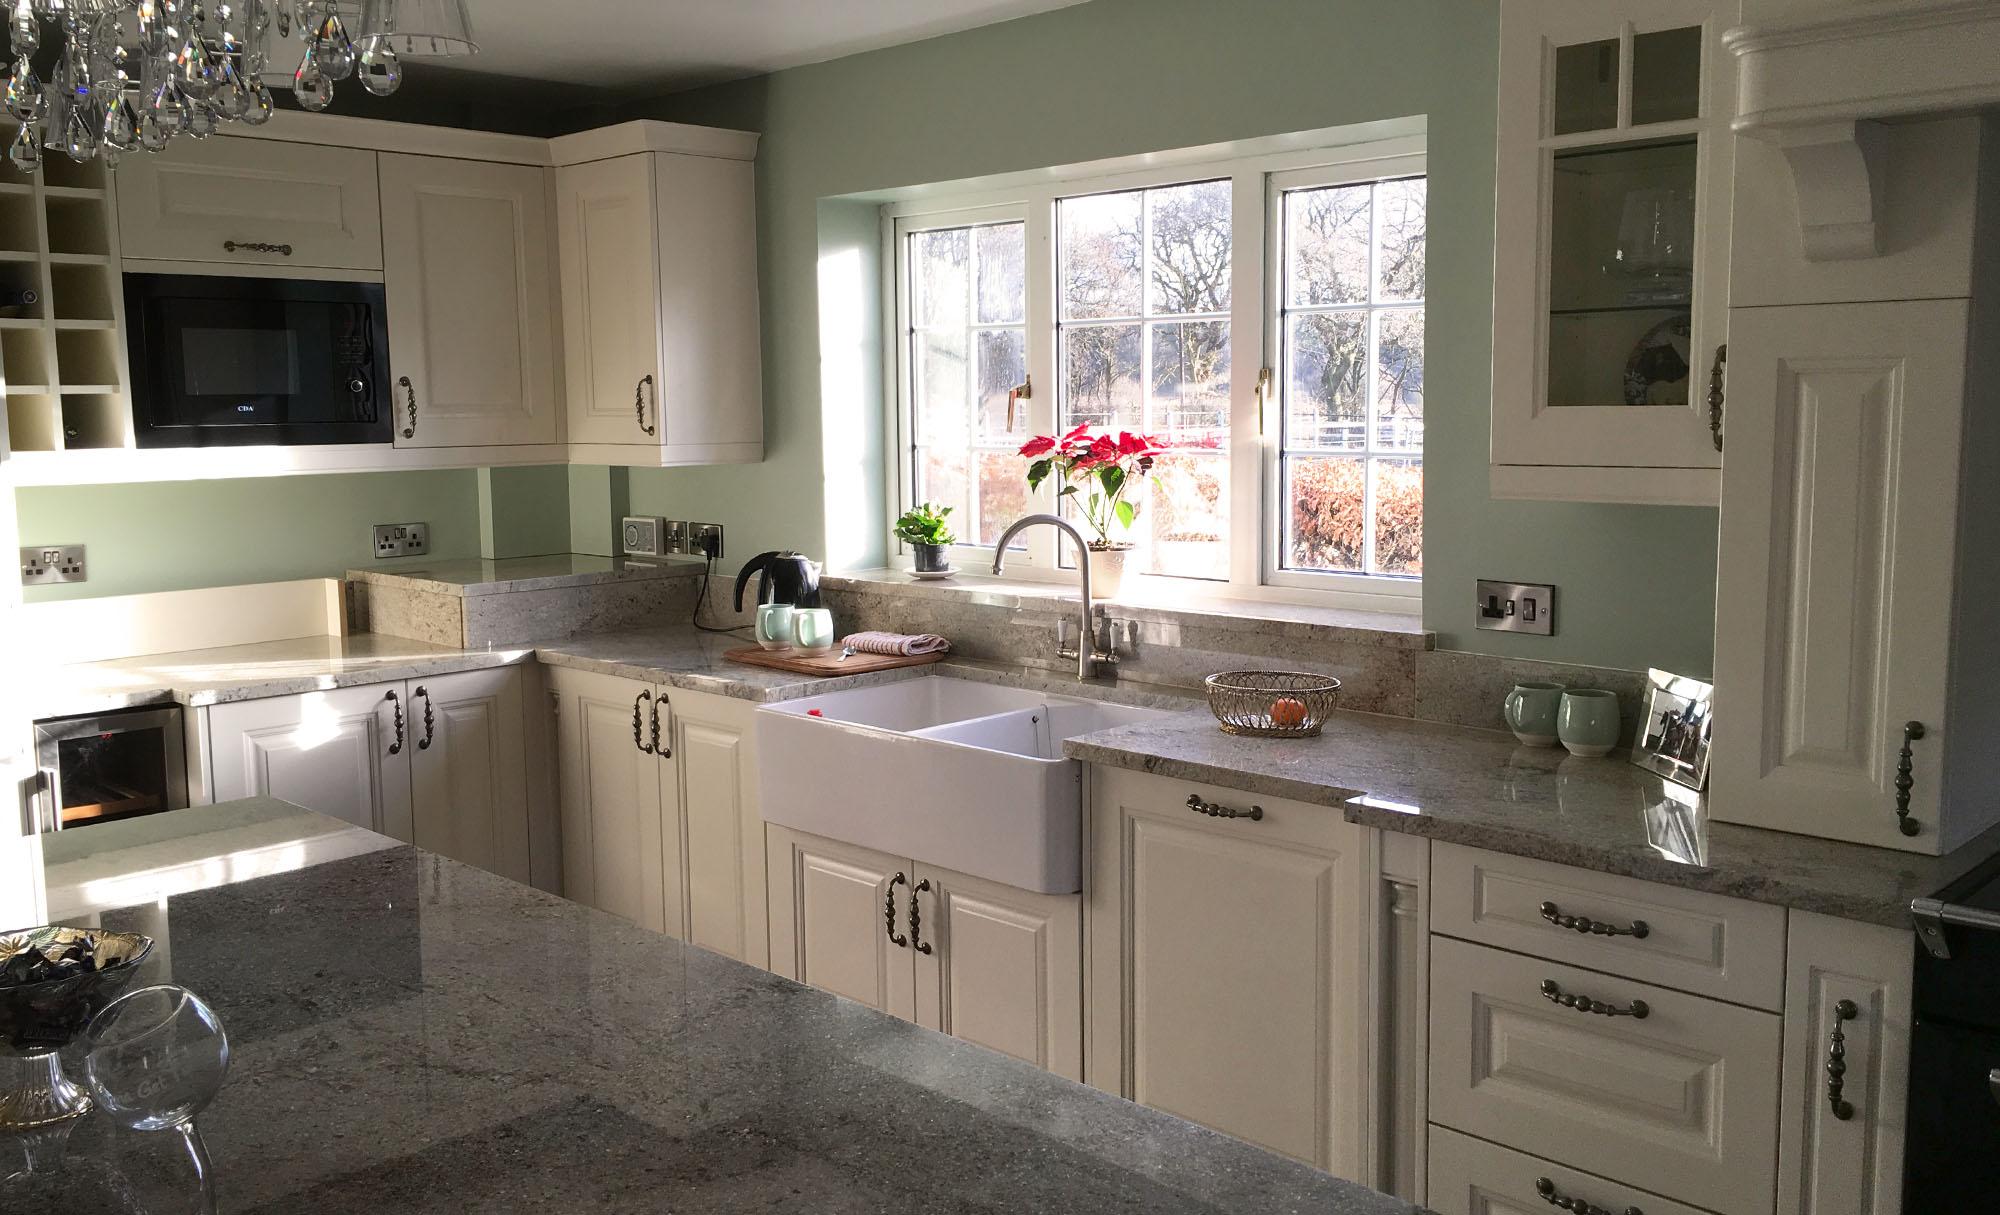 jefferson-ivory-kitchen-counter-sink-window